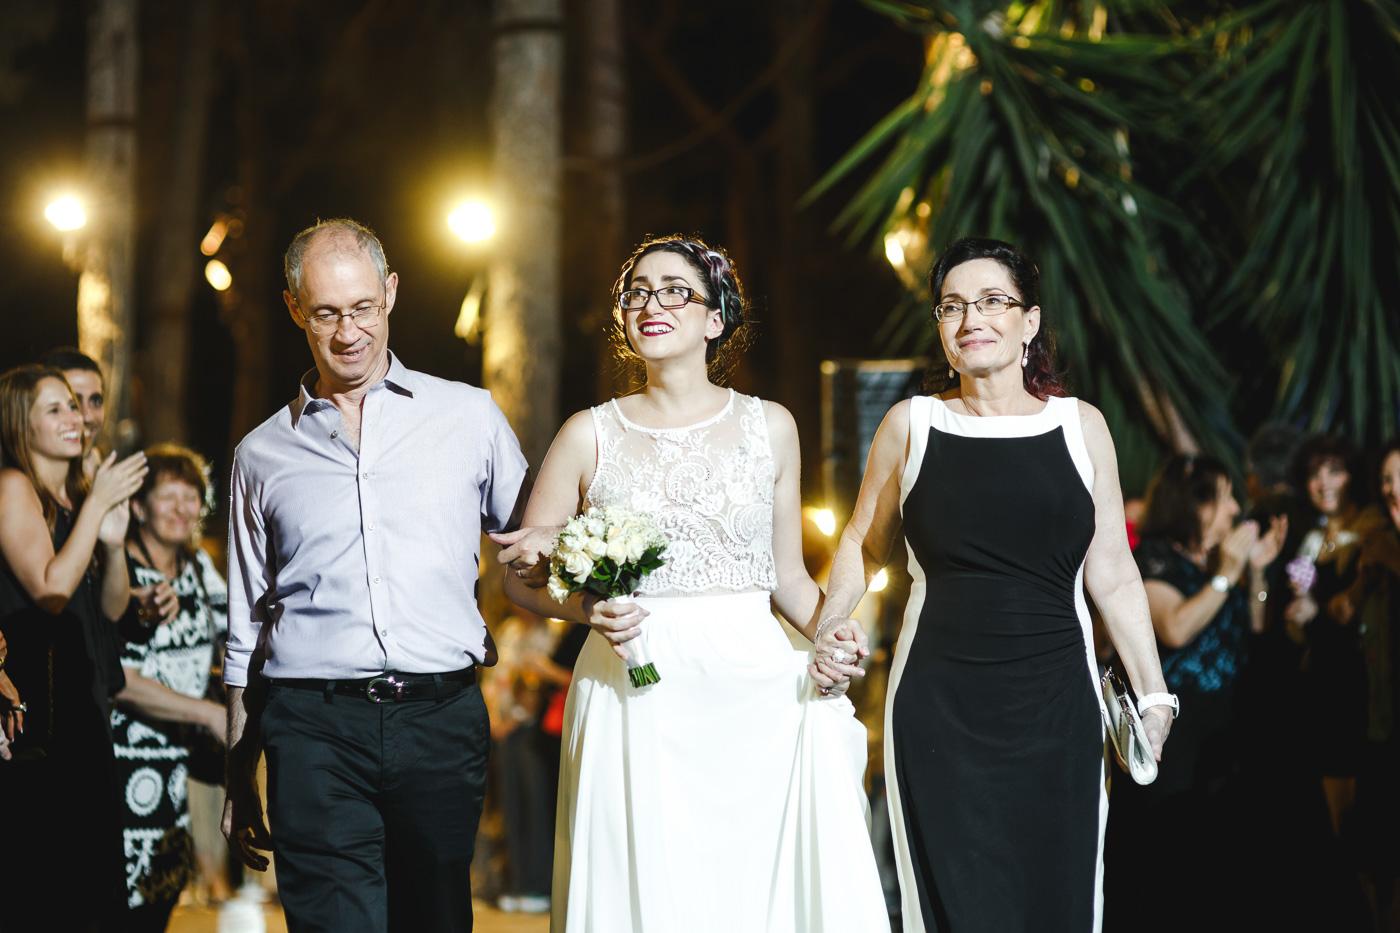 Leore & Yiftach wedding_0493.jpg